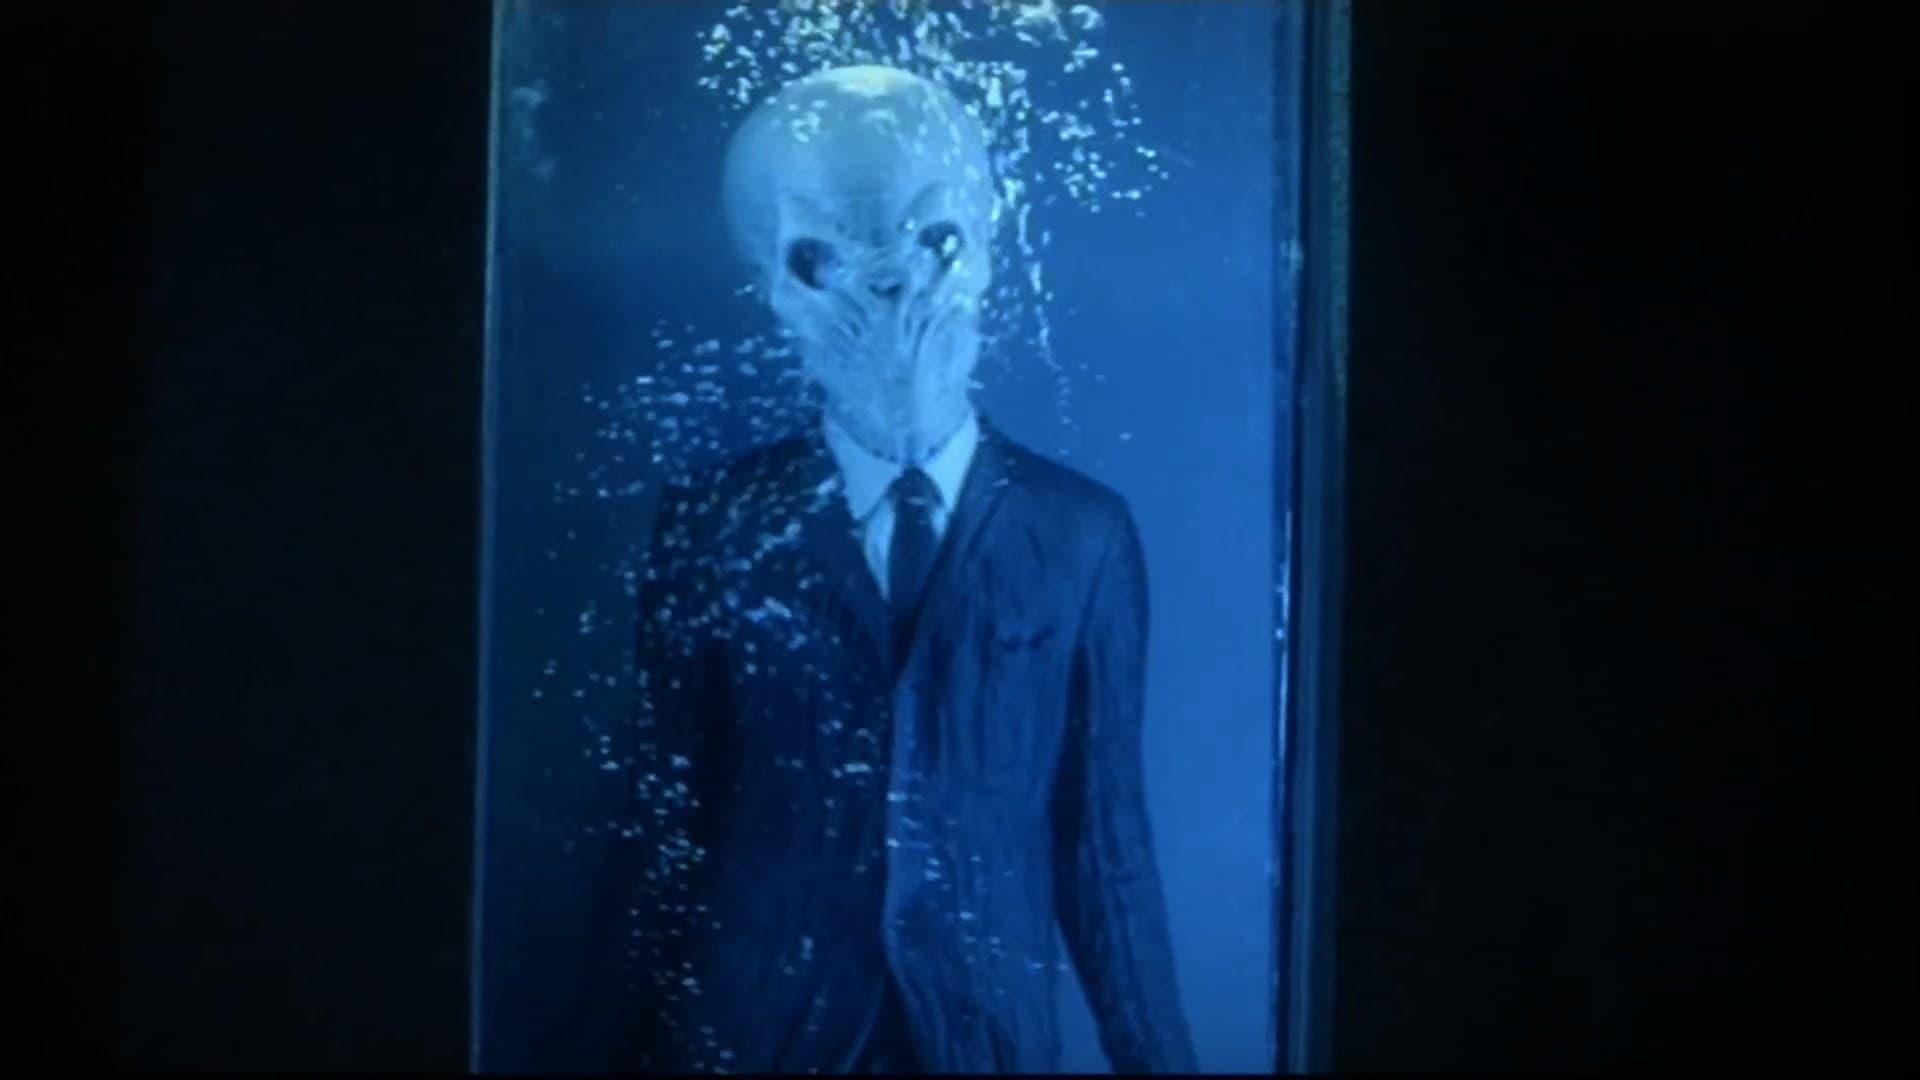 Doctor Who - Season 0 Episode 46 : The Wedding of River Song Prequel